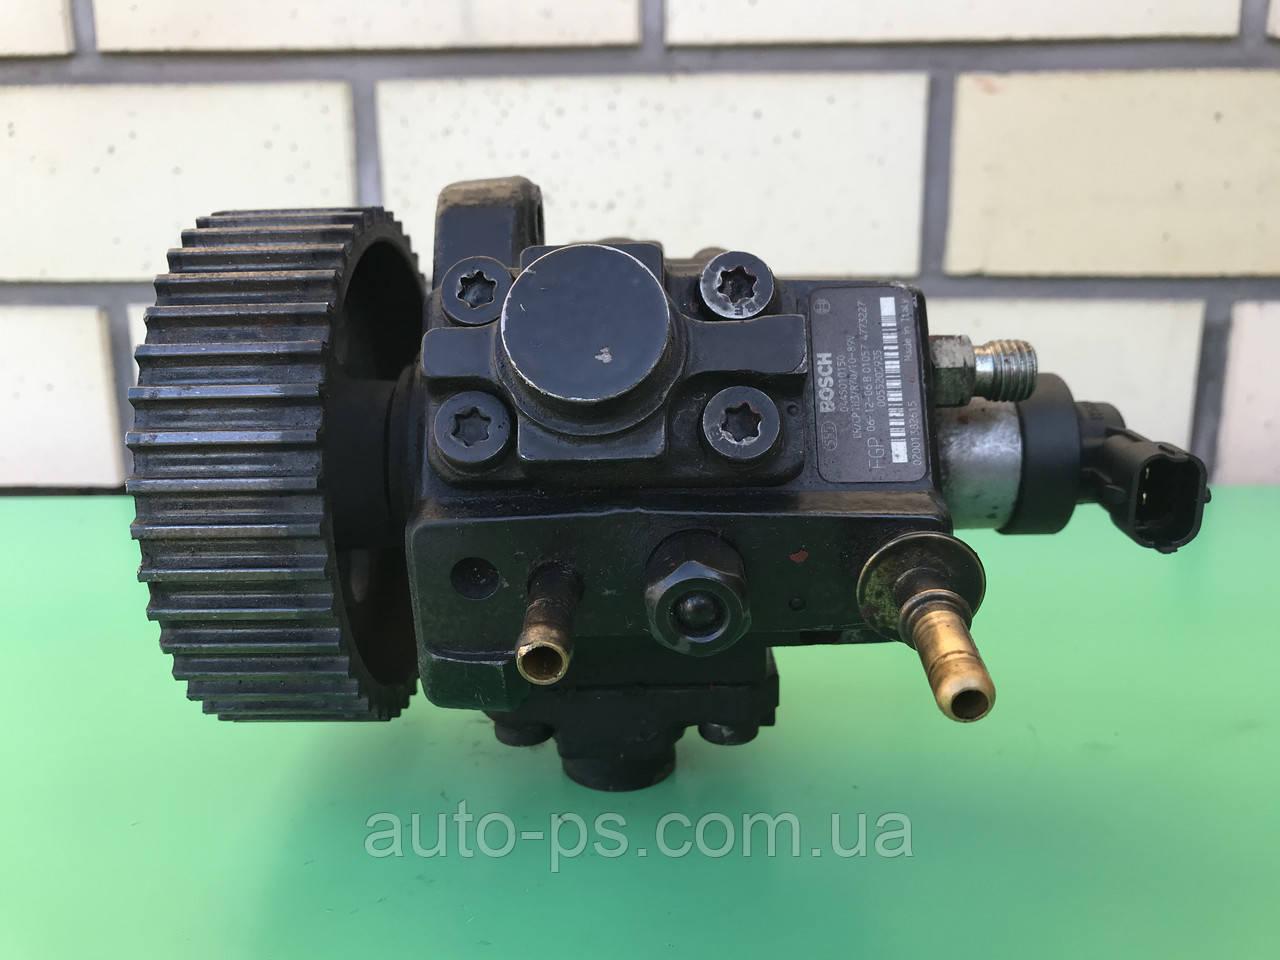 Топливный насос высокого давления (ТНВД) Fiat Multipla 1.9JTD